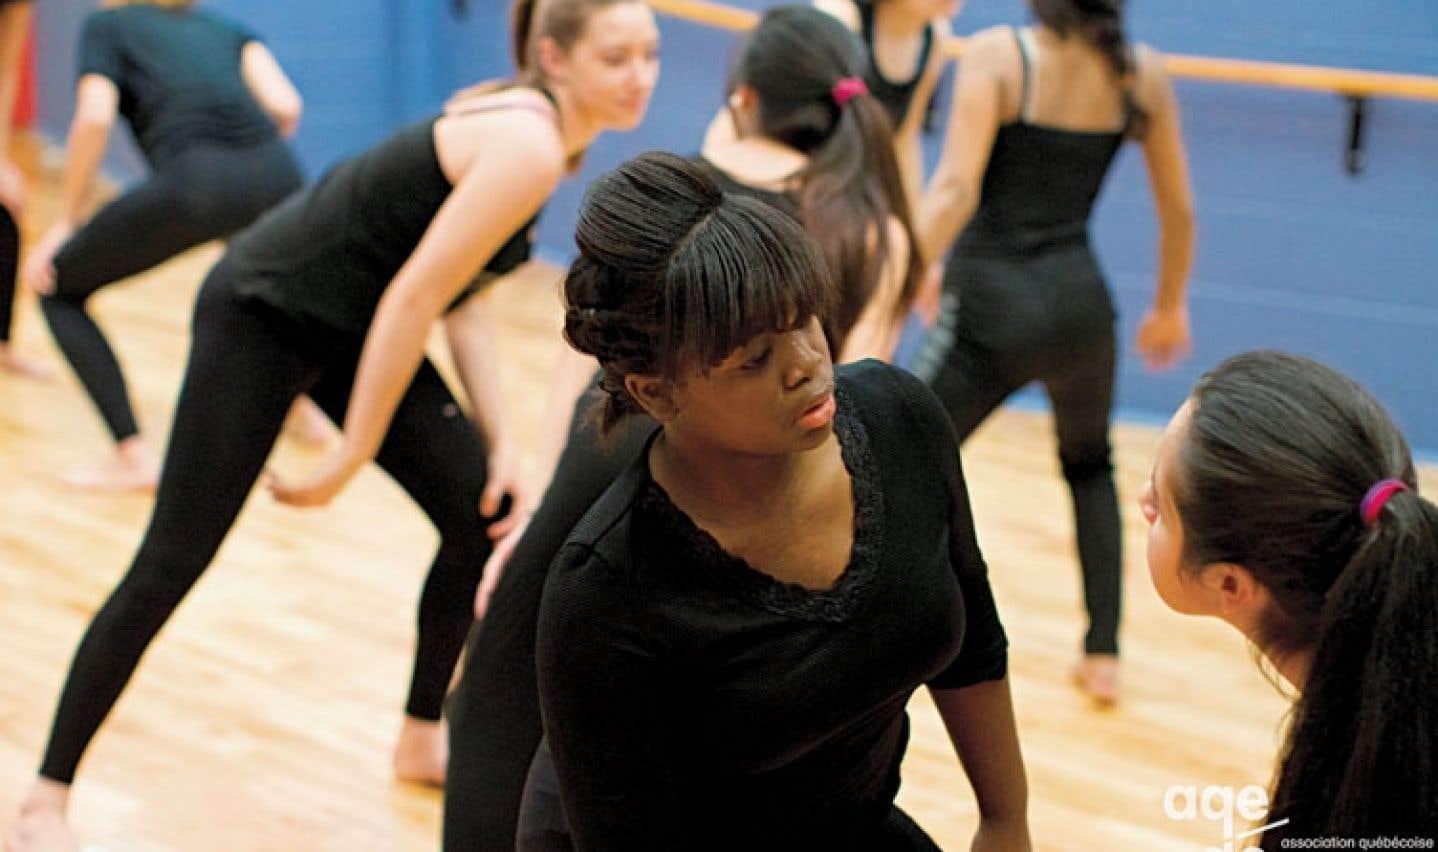 La danse est un langage universel qui permet aux élèves, peu importe leur culture, d'acquérir de l'estime de soi.